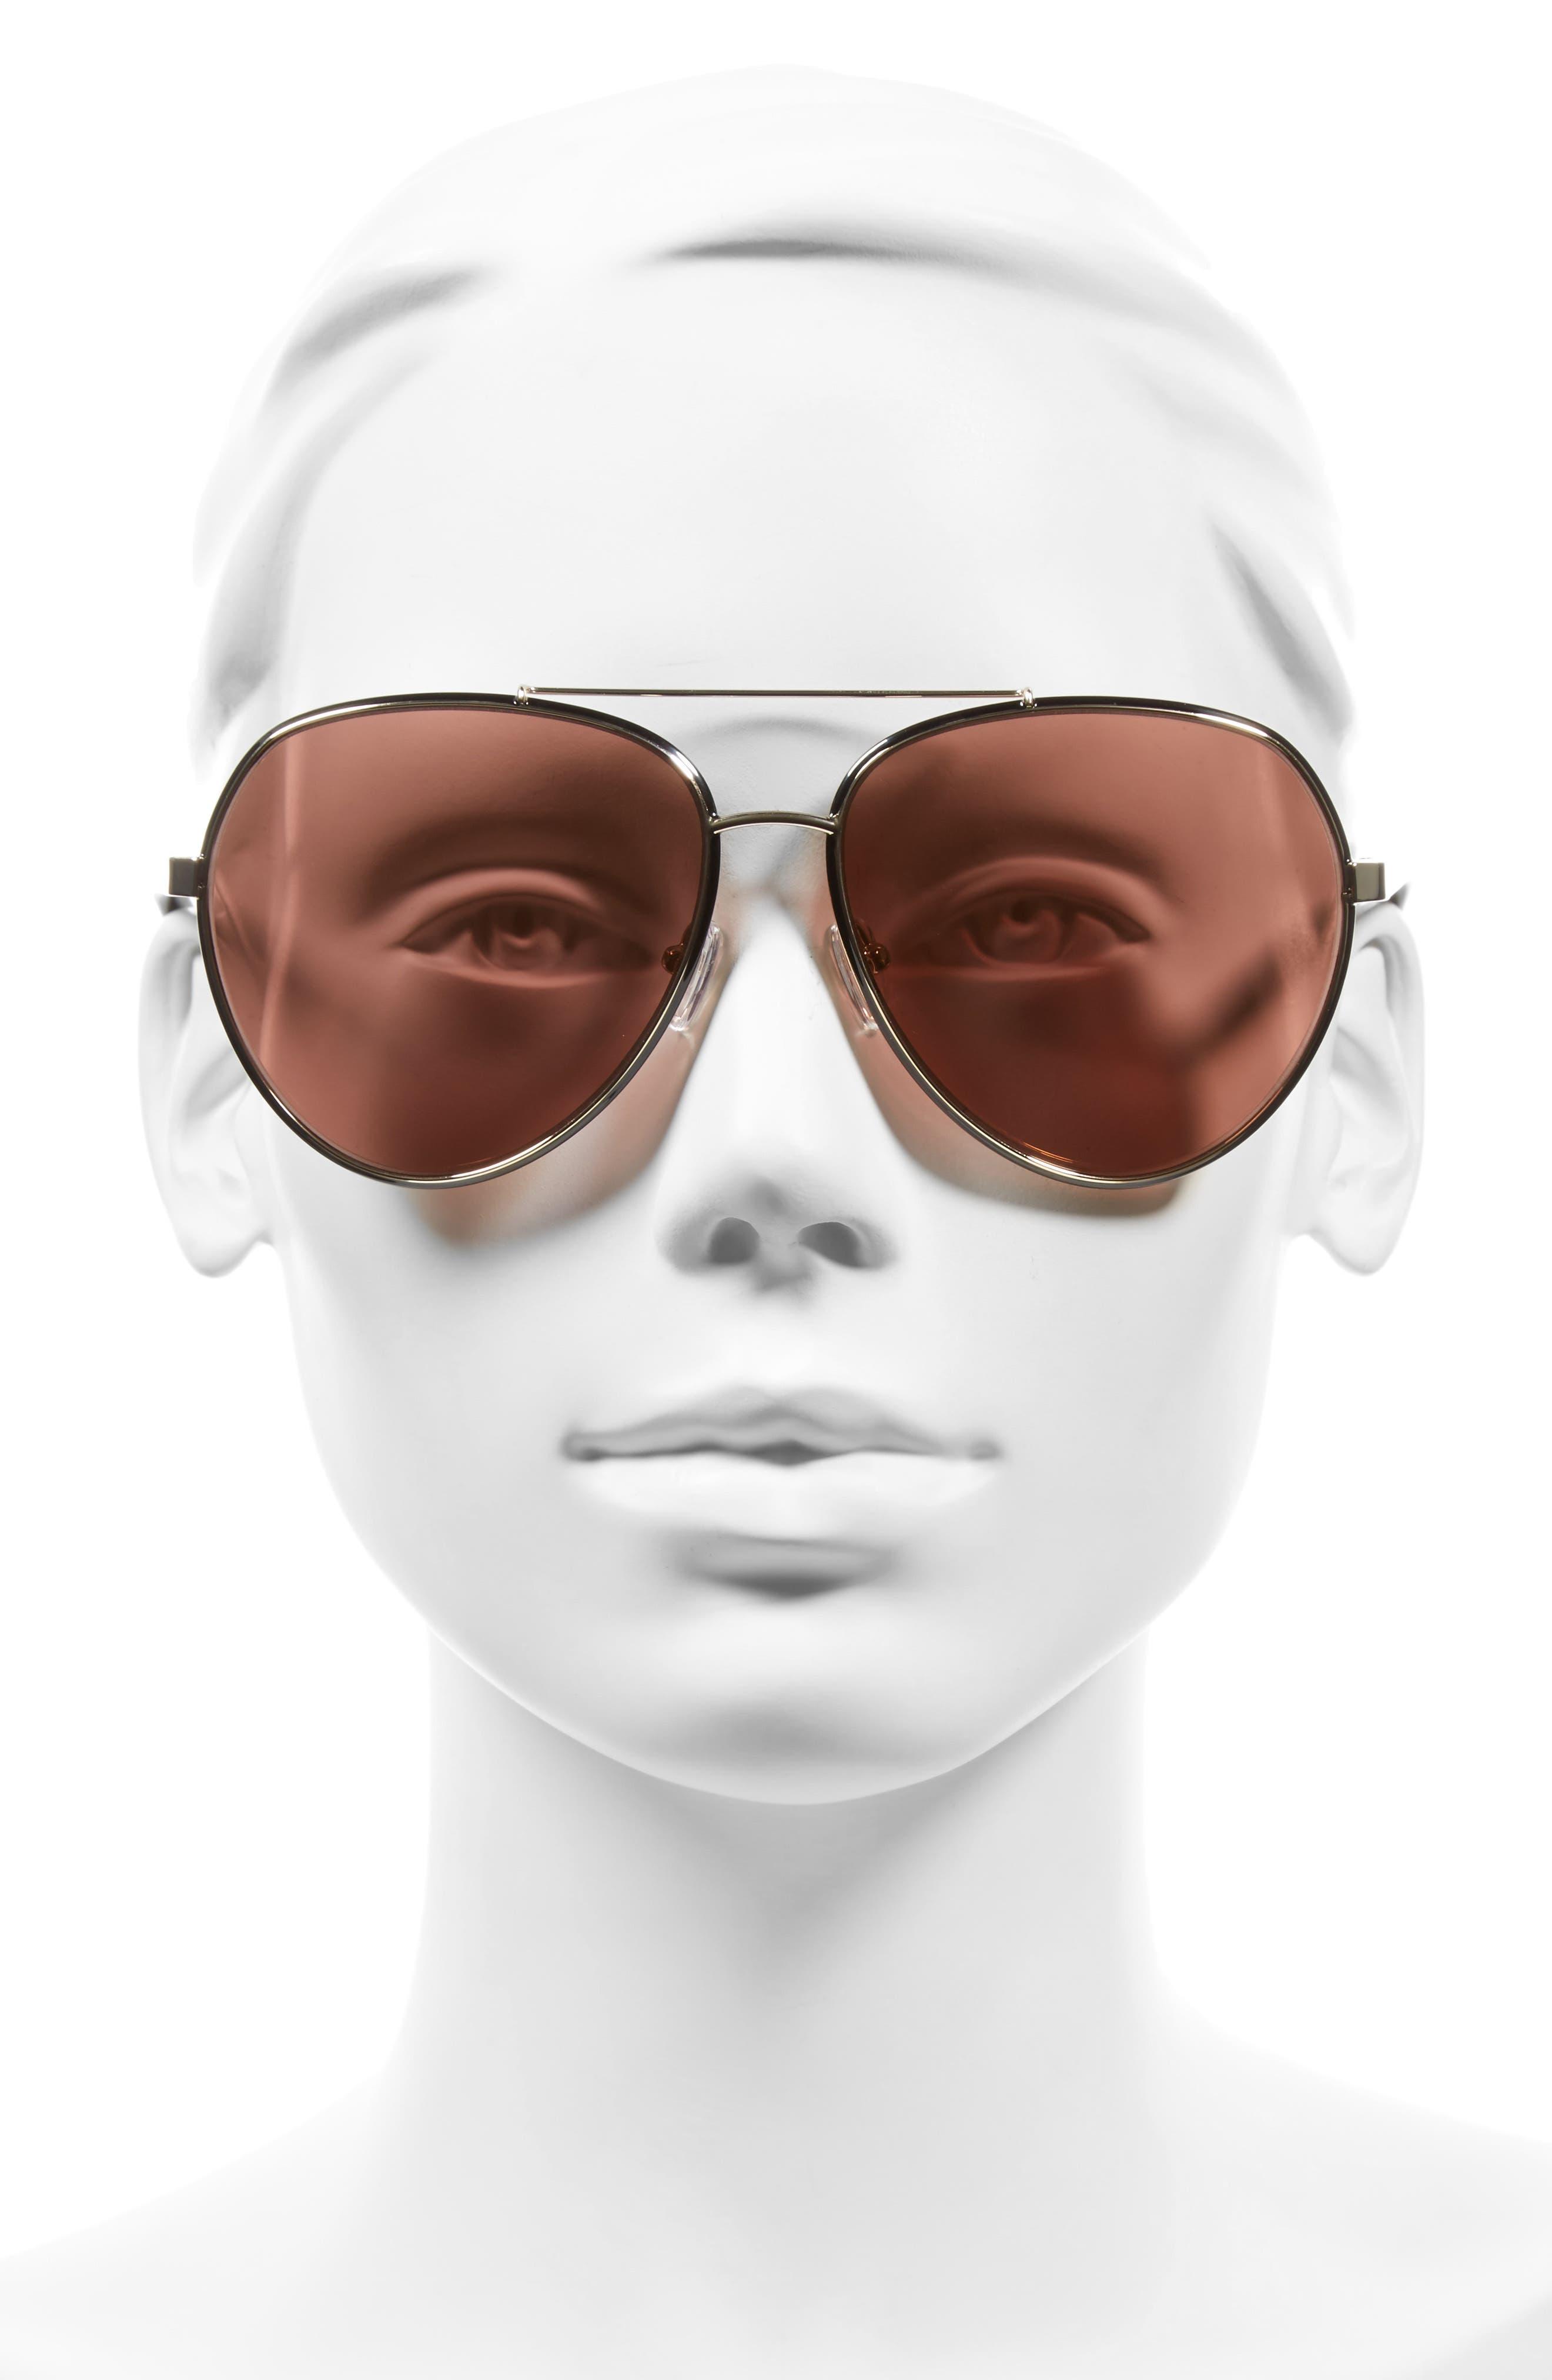 61mm Aviator Sunglasses,                             Alternate thumbnail 2, color,                             Shiny Gold/ Shiny Black